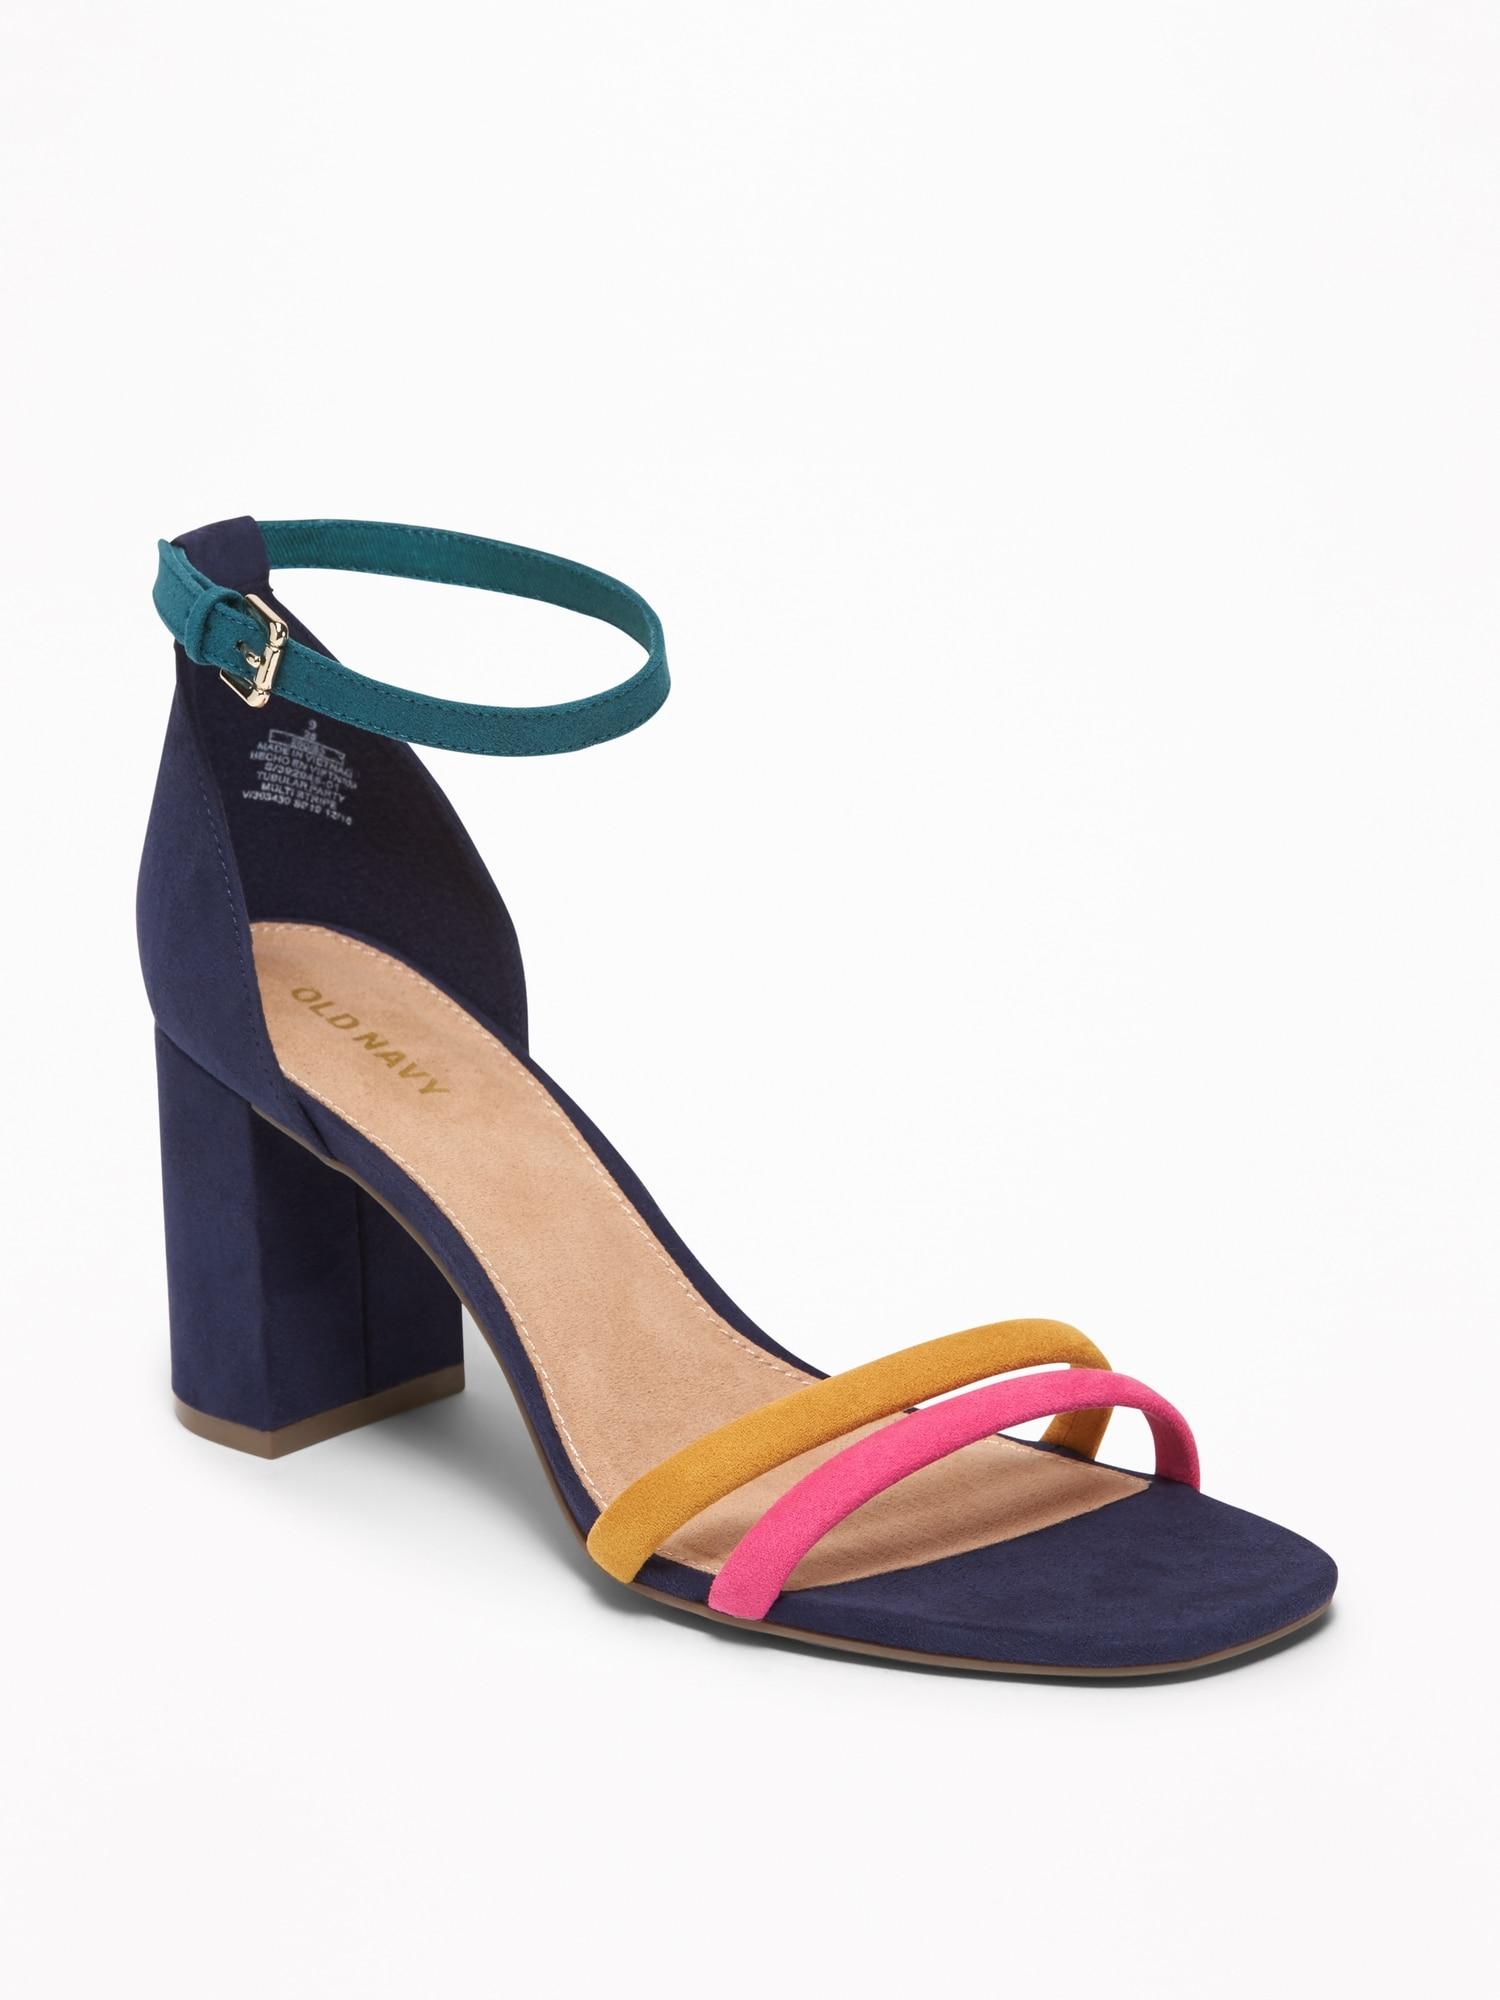 1b294562c58 Strappy Block-Heel Sandals for Women